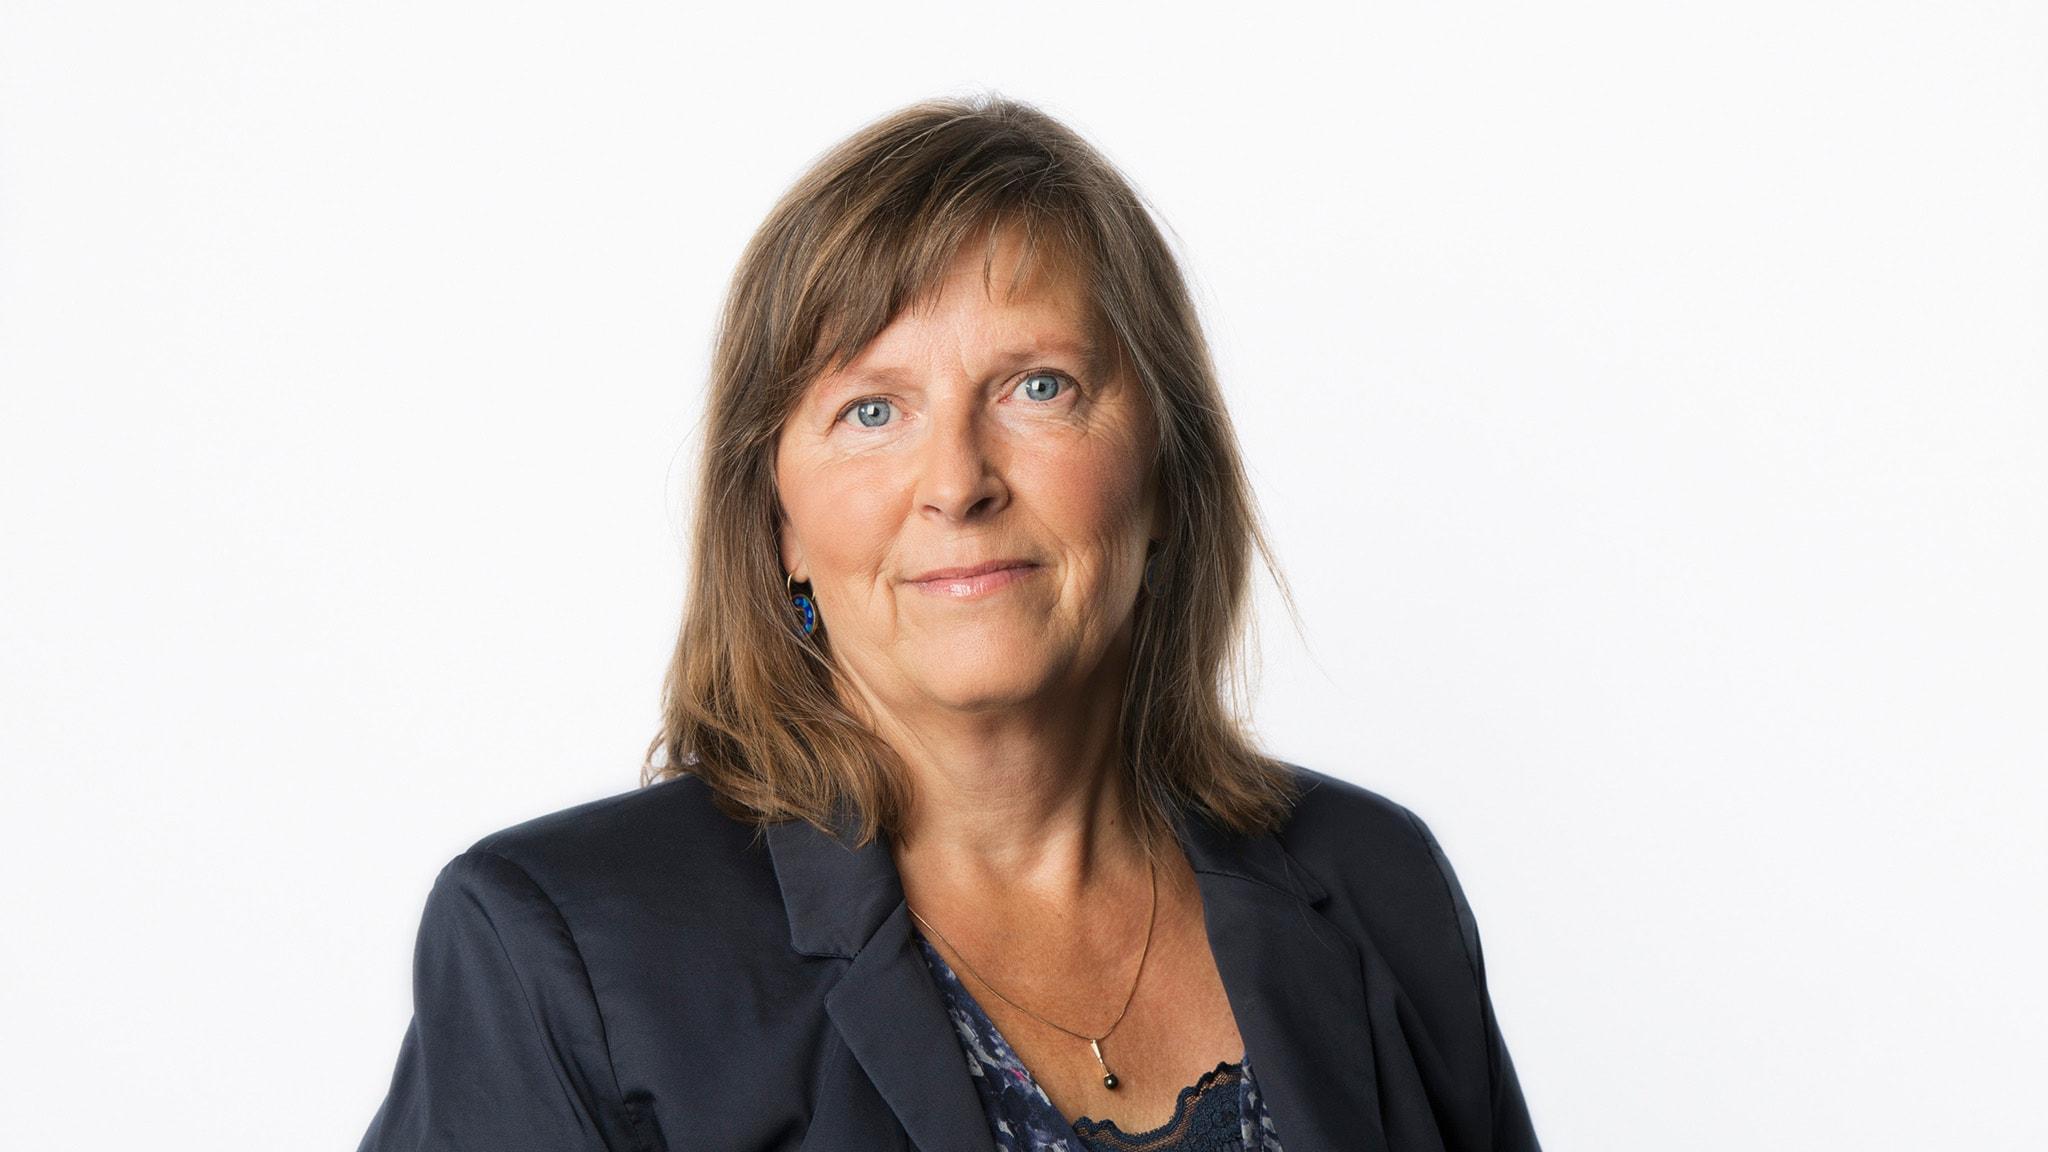 Skofynd från Vitebsk Ekots Maria Persson